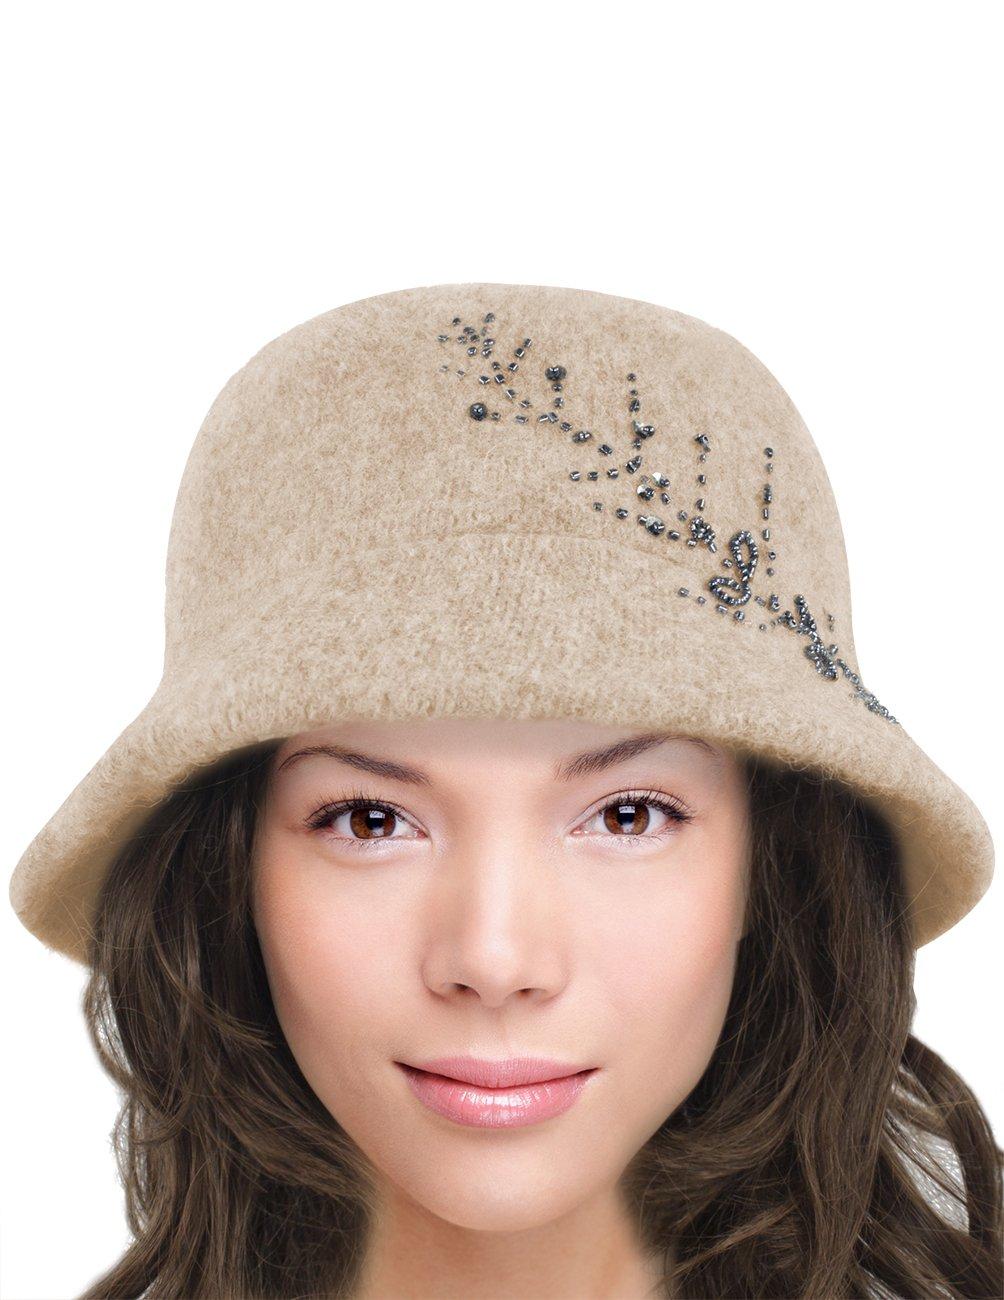 Dahlia Women's Wool Blend Hand Beaded Winter Bucket Hat/Cloche Hat - Tan by Dahlia (Image #3)